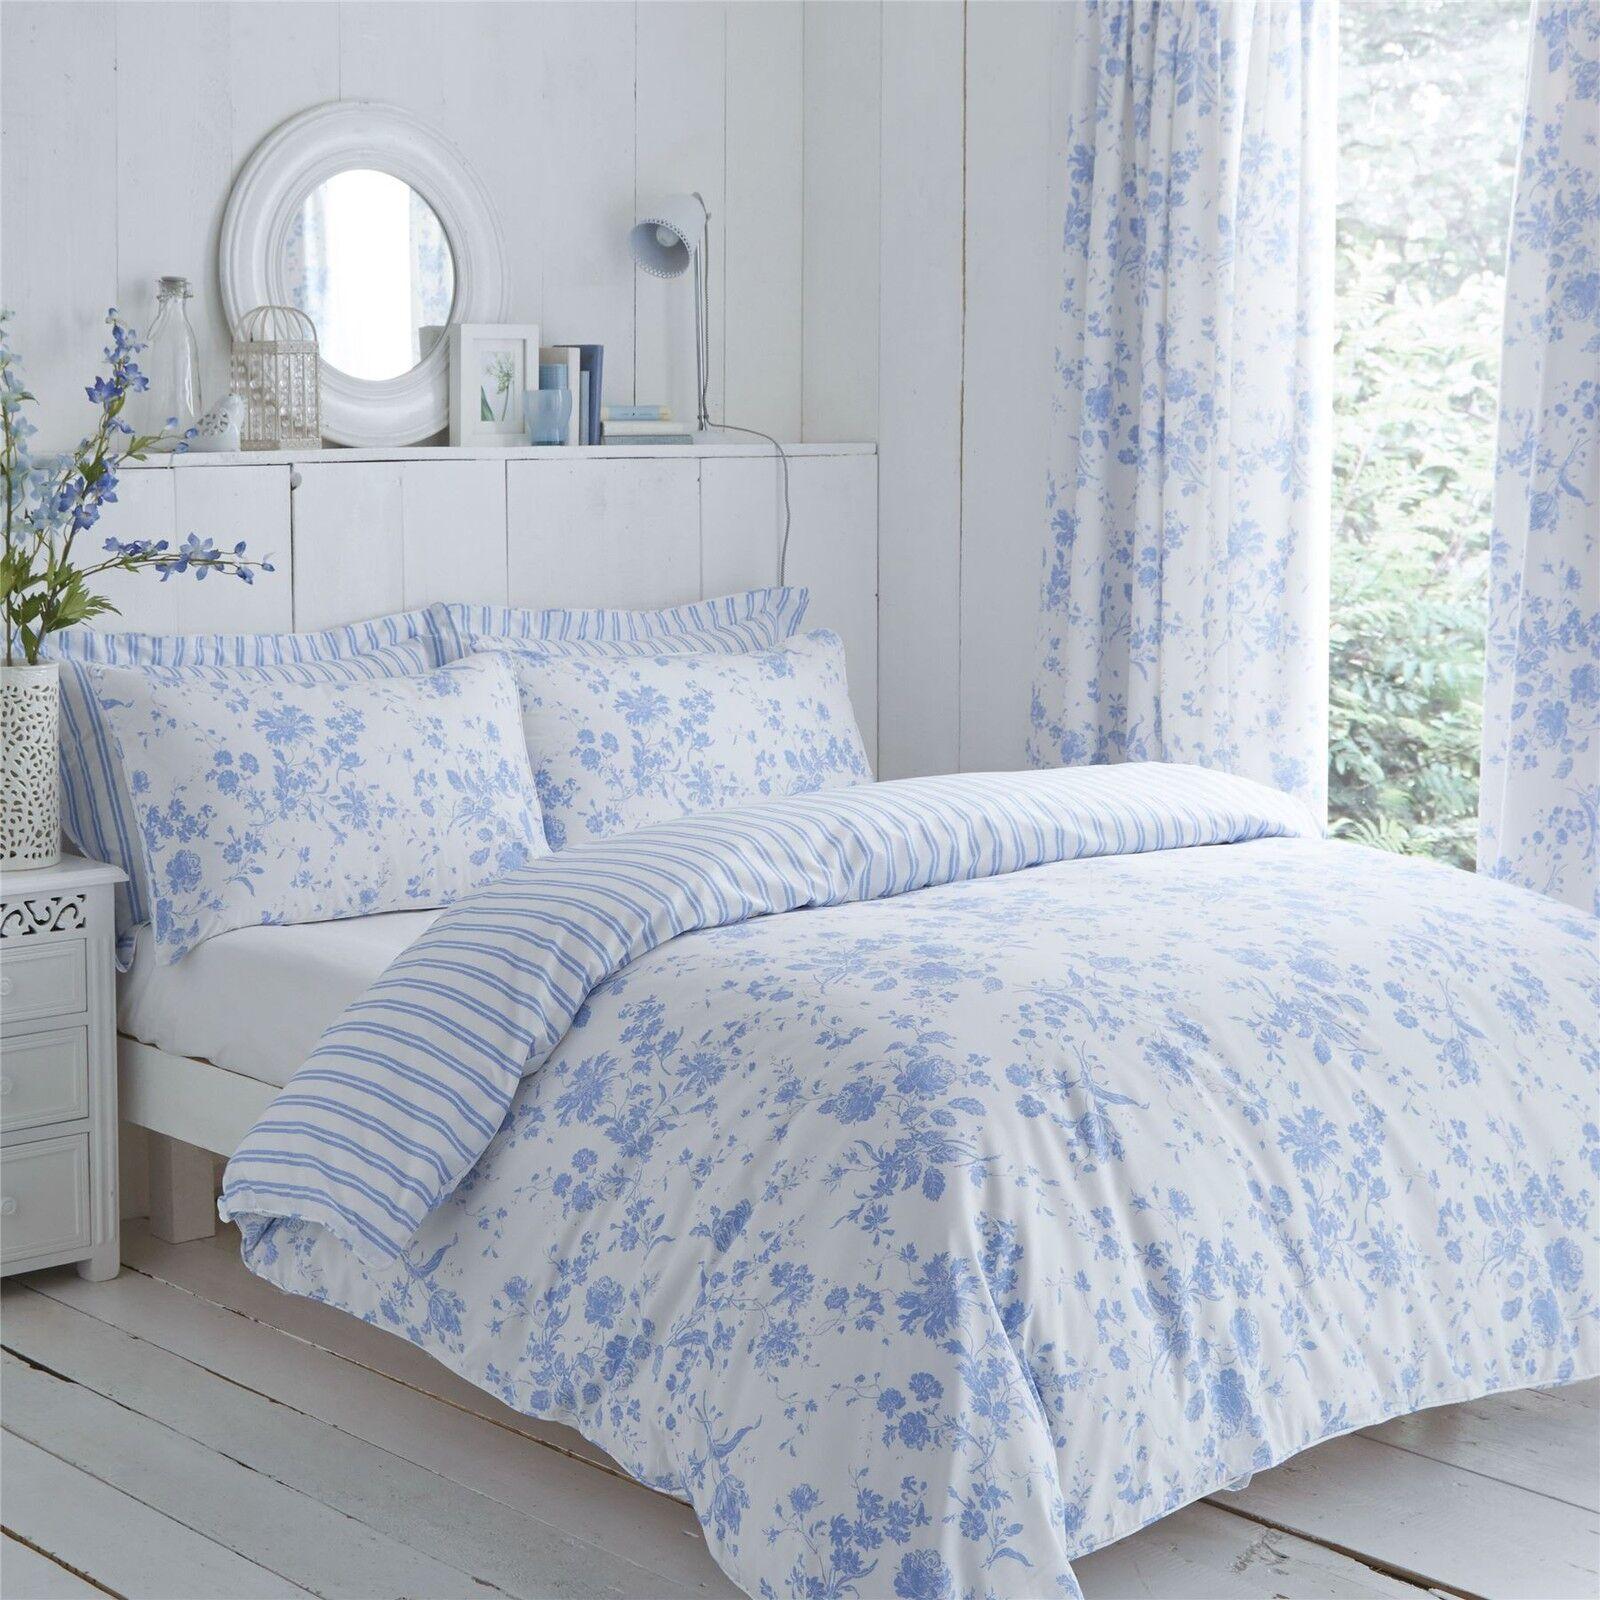 Blaumen Schleierstoff Streifen blau weiss Einzel Bettwäsche & Plissee-Vorhänge